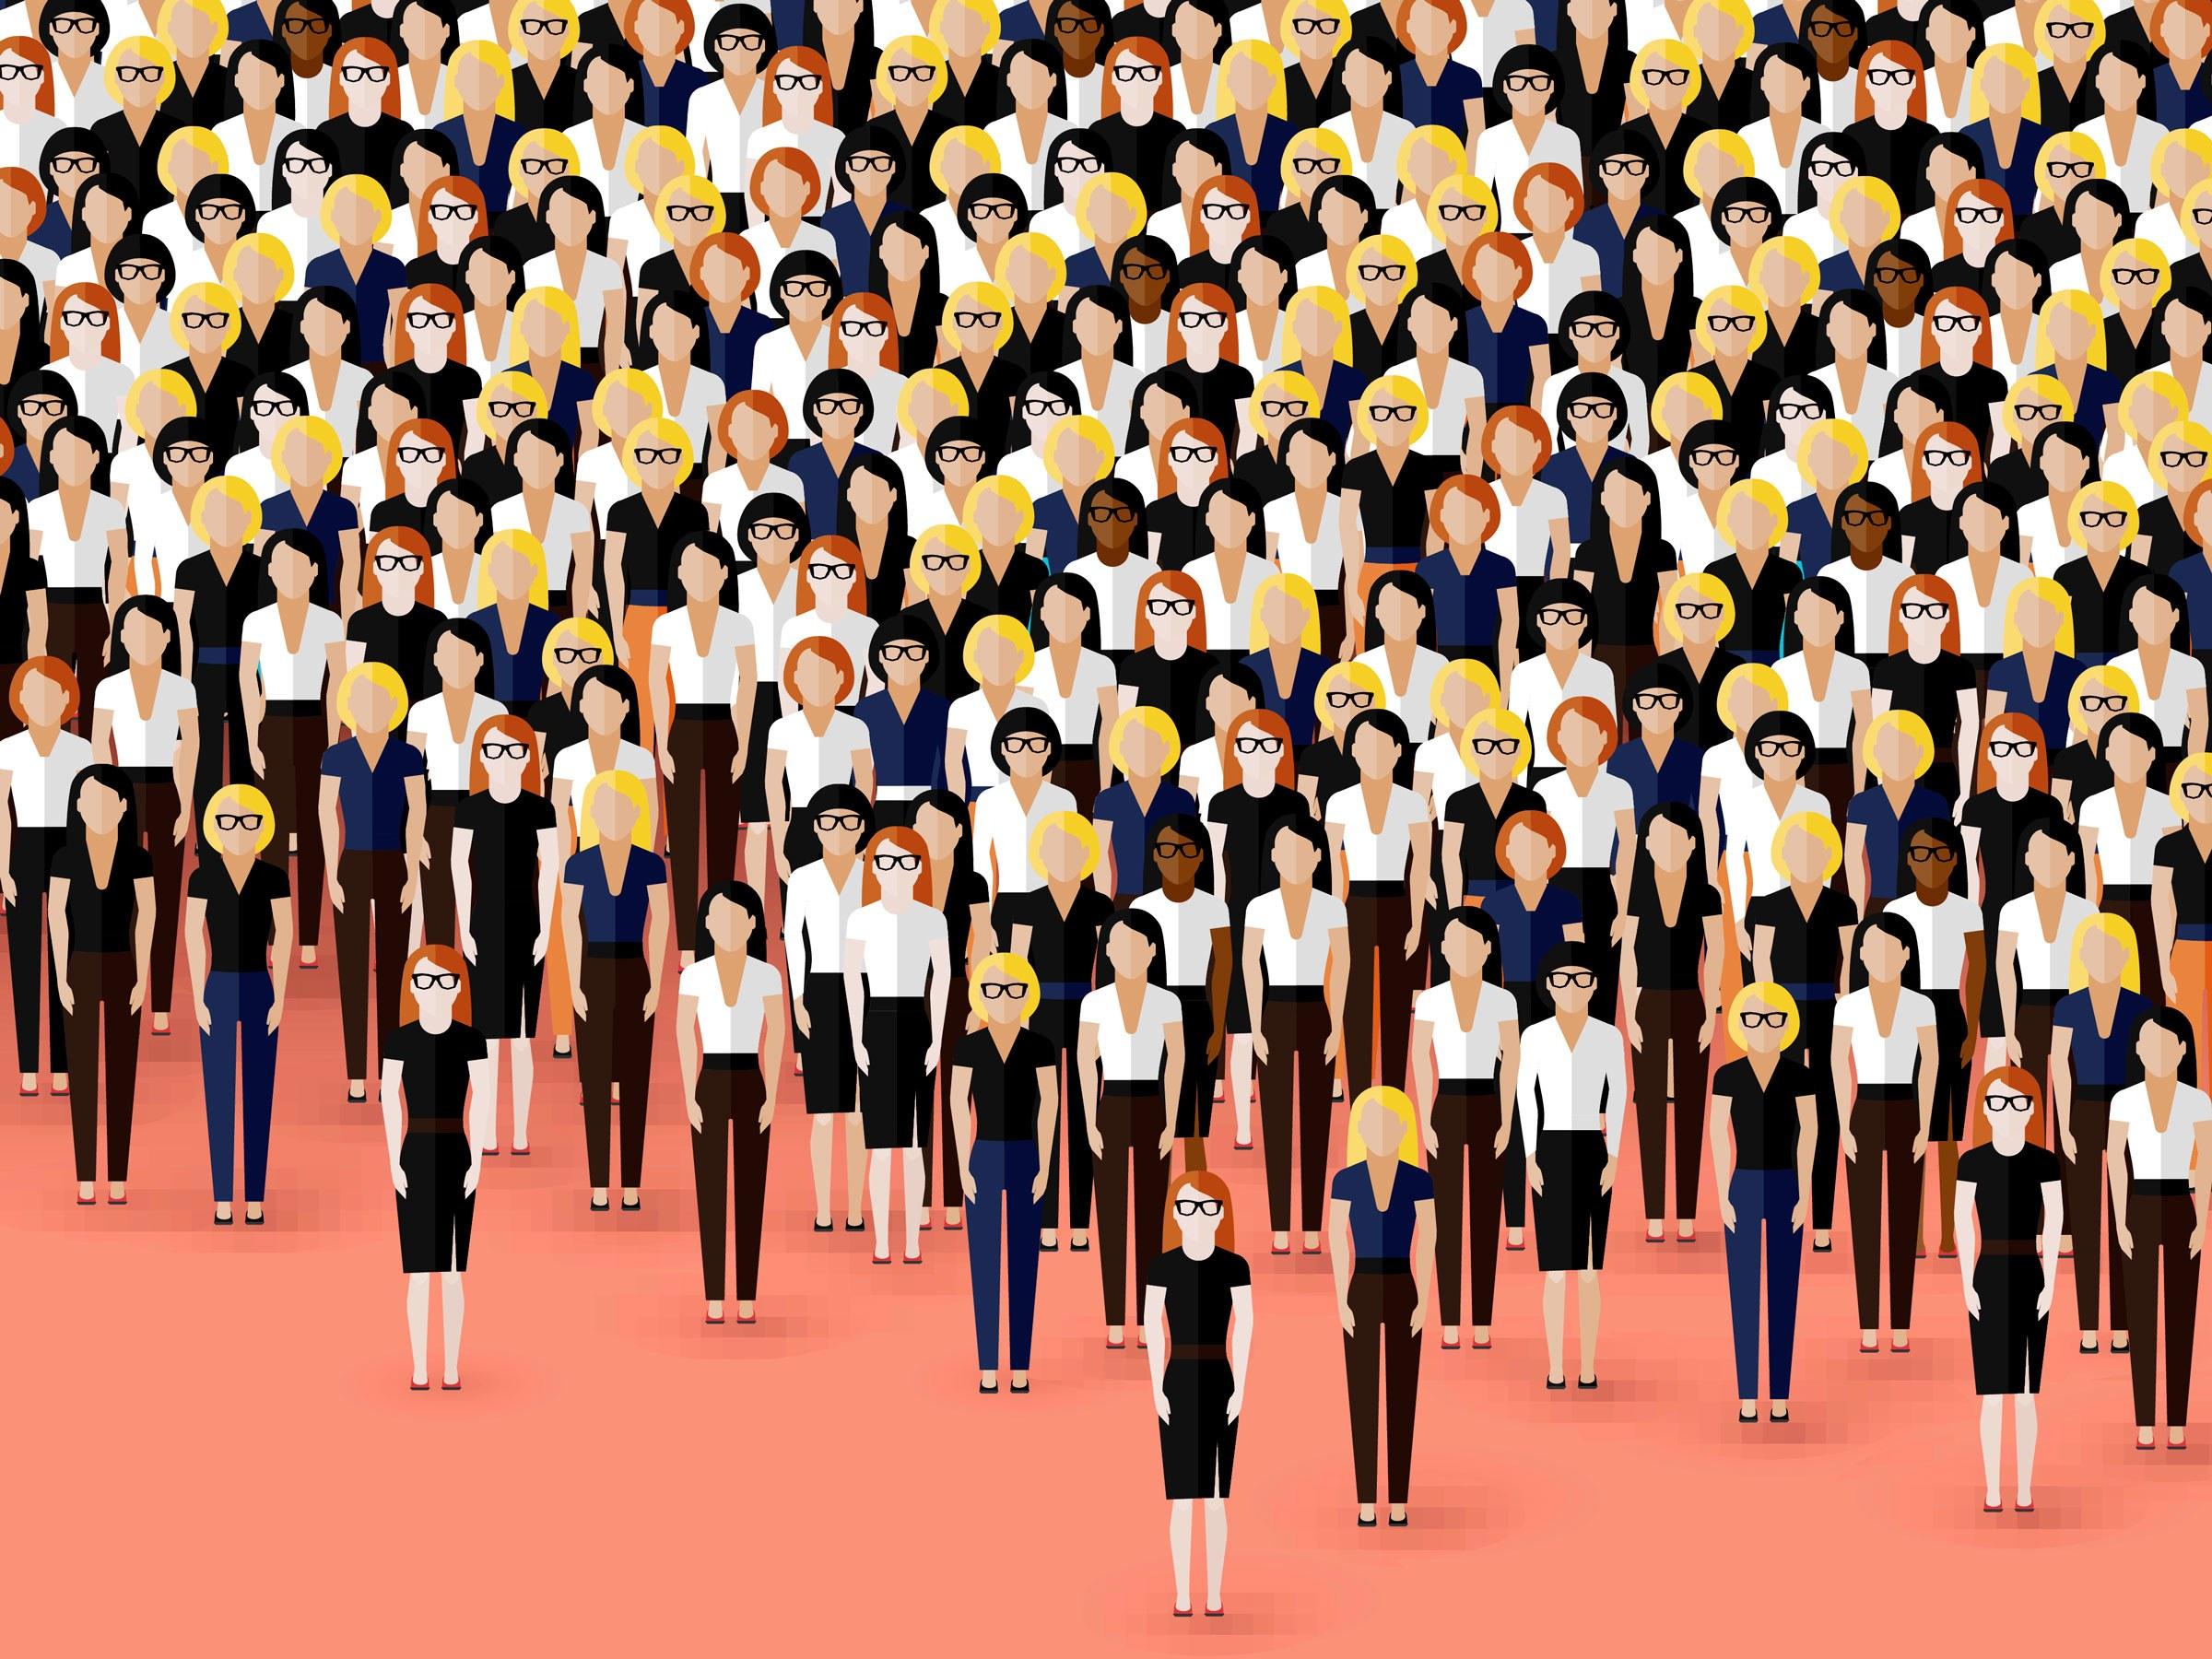 retaining women in tech